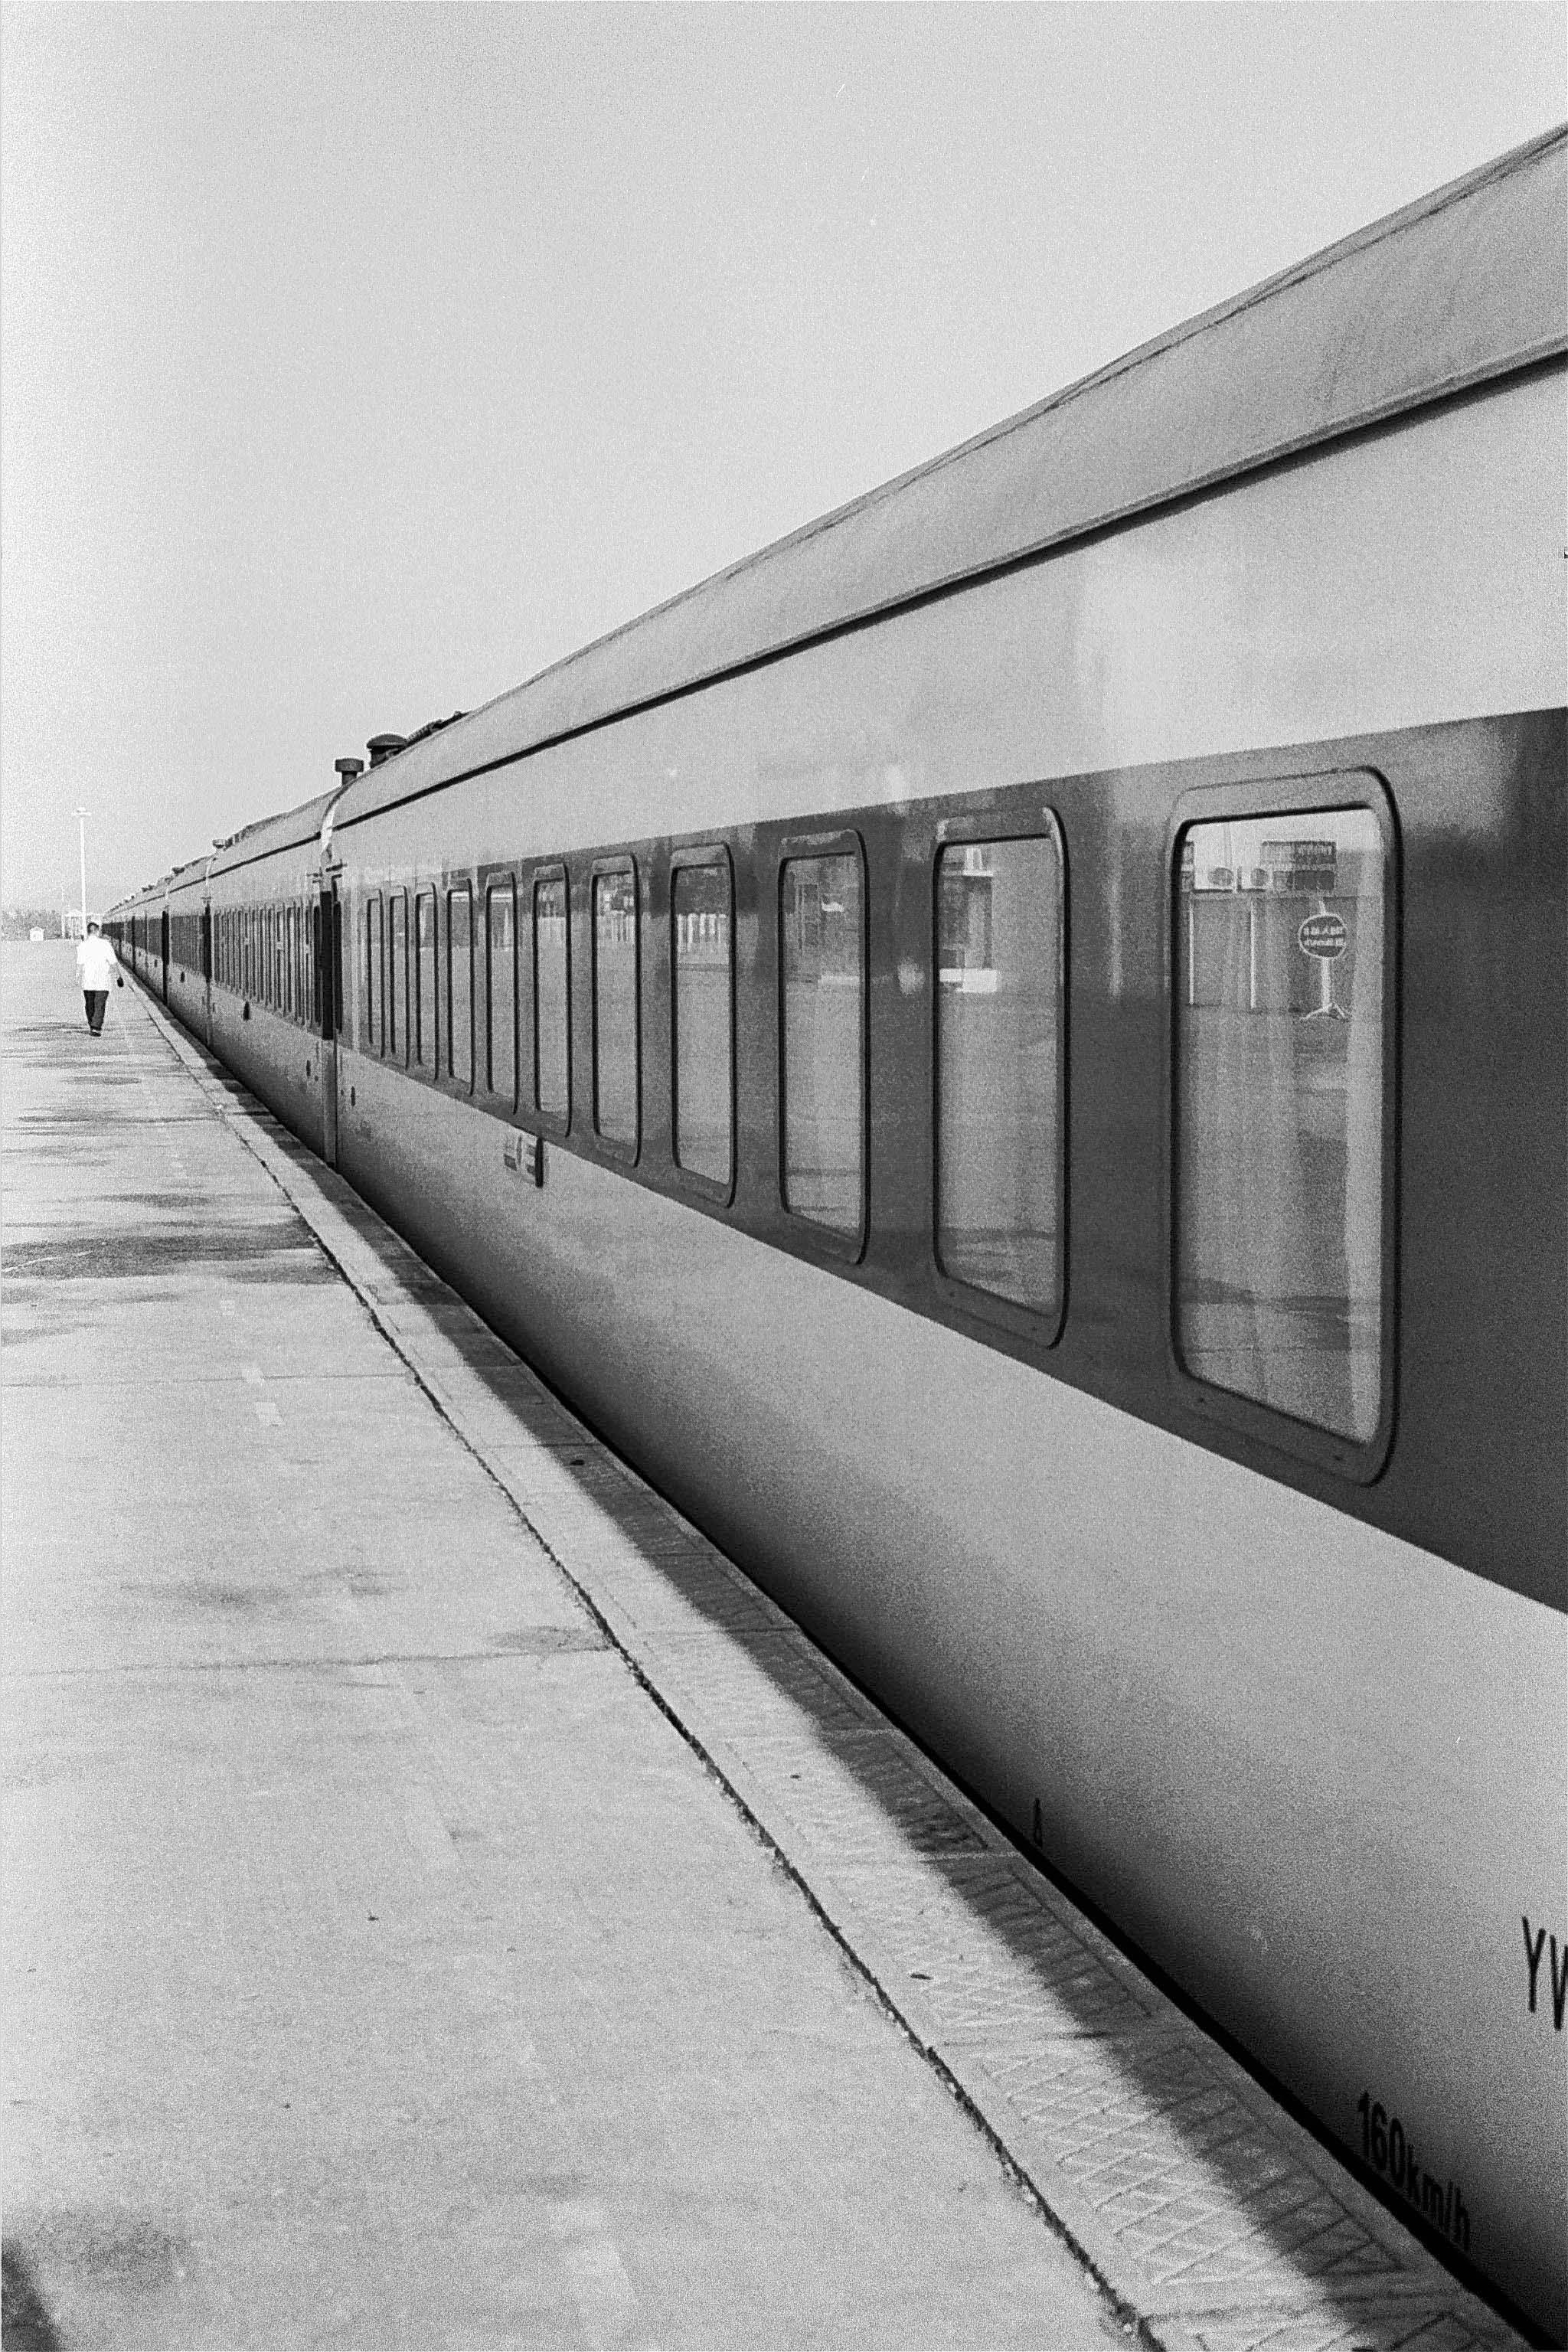 35mmPatrikWallner_Sanya_Train_RGB_LOWQ